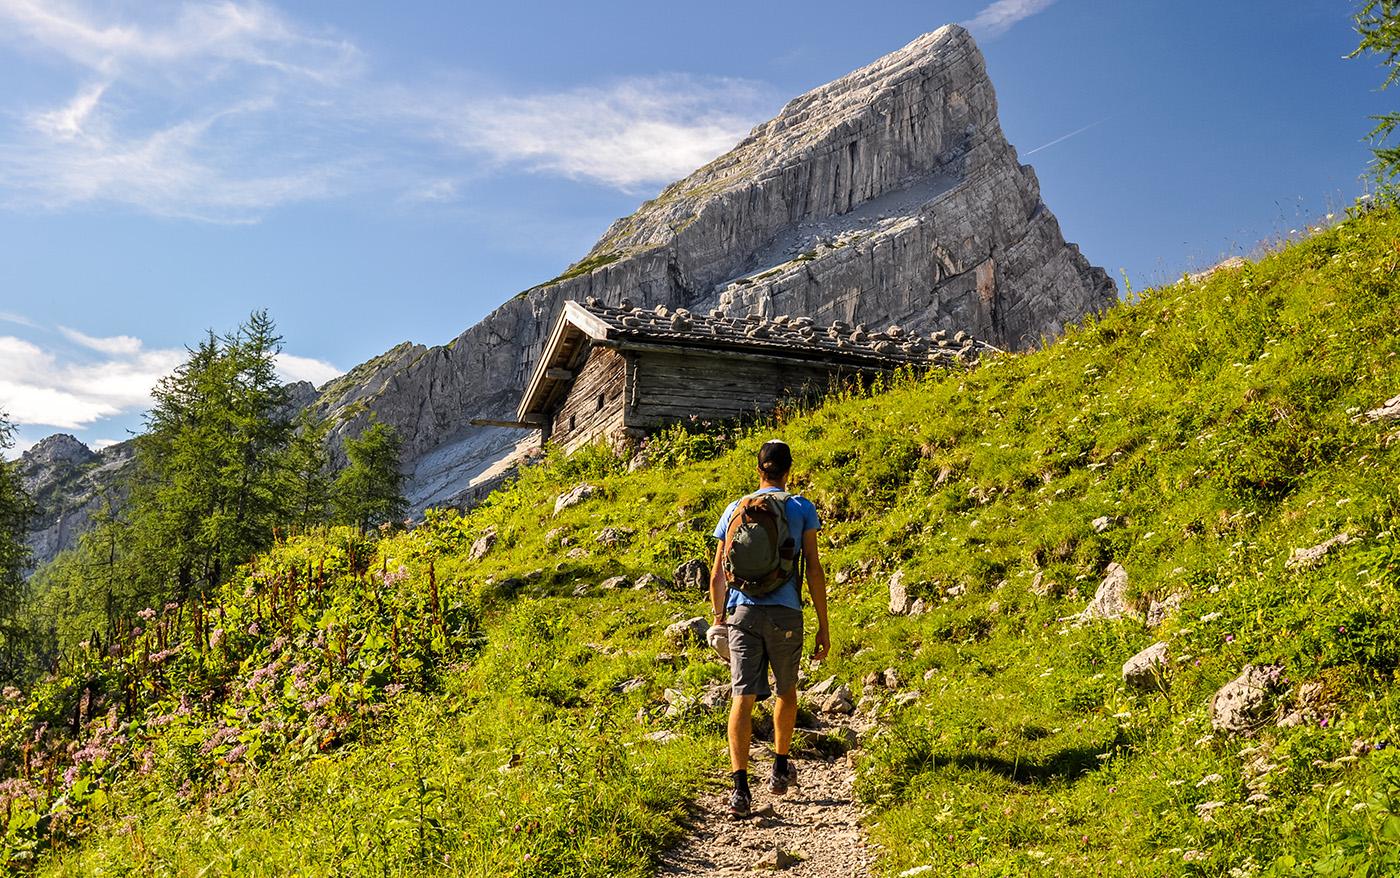 Vandring i alperne | 3 drømmeruter med fantastisk udsigt